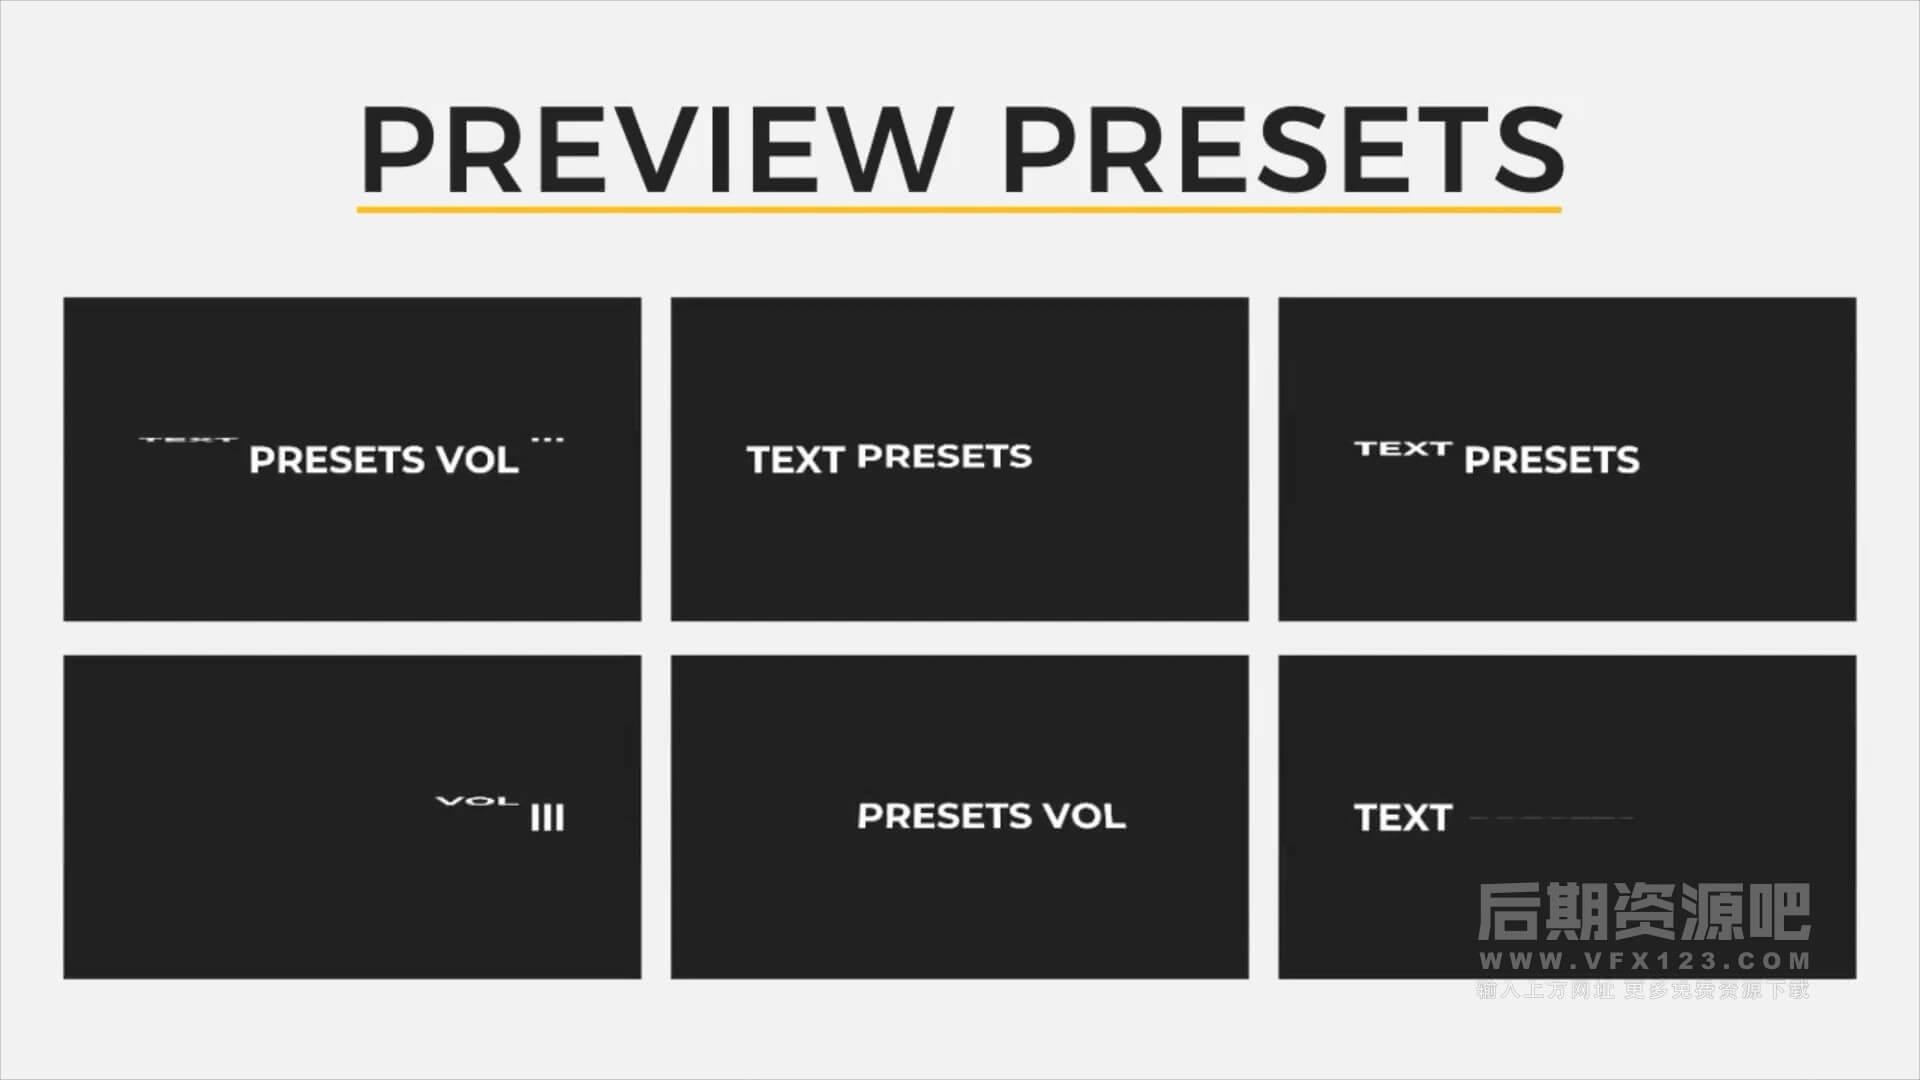 Fcpx字幕动画插件 30组简单实用文字标题动画预设 第三季 Text Presets